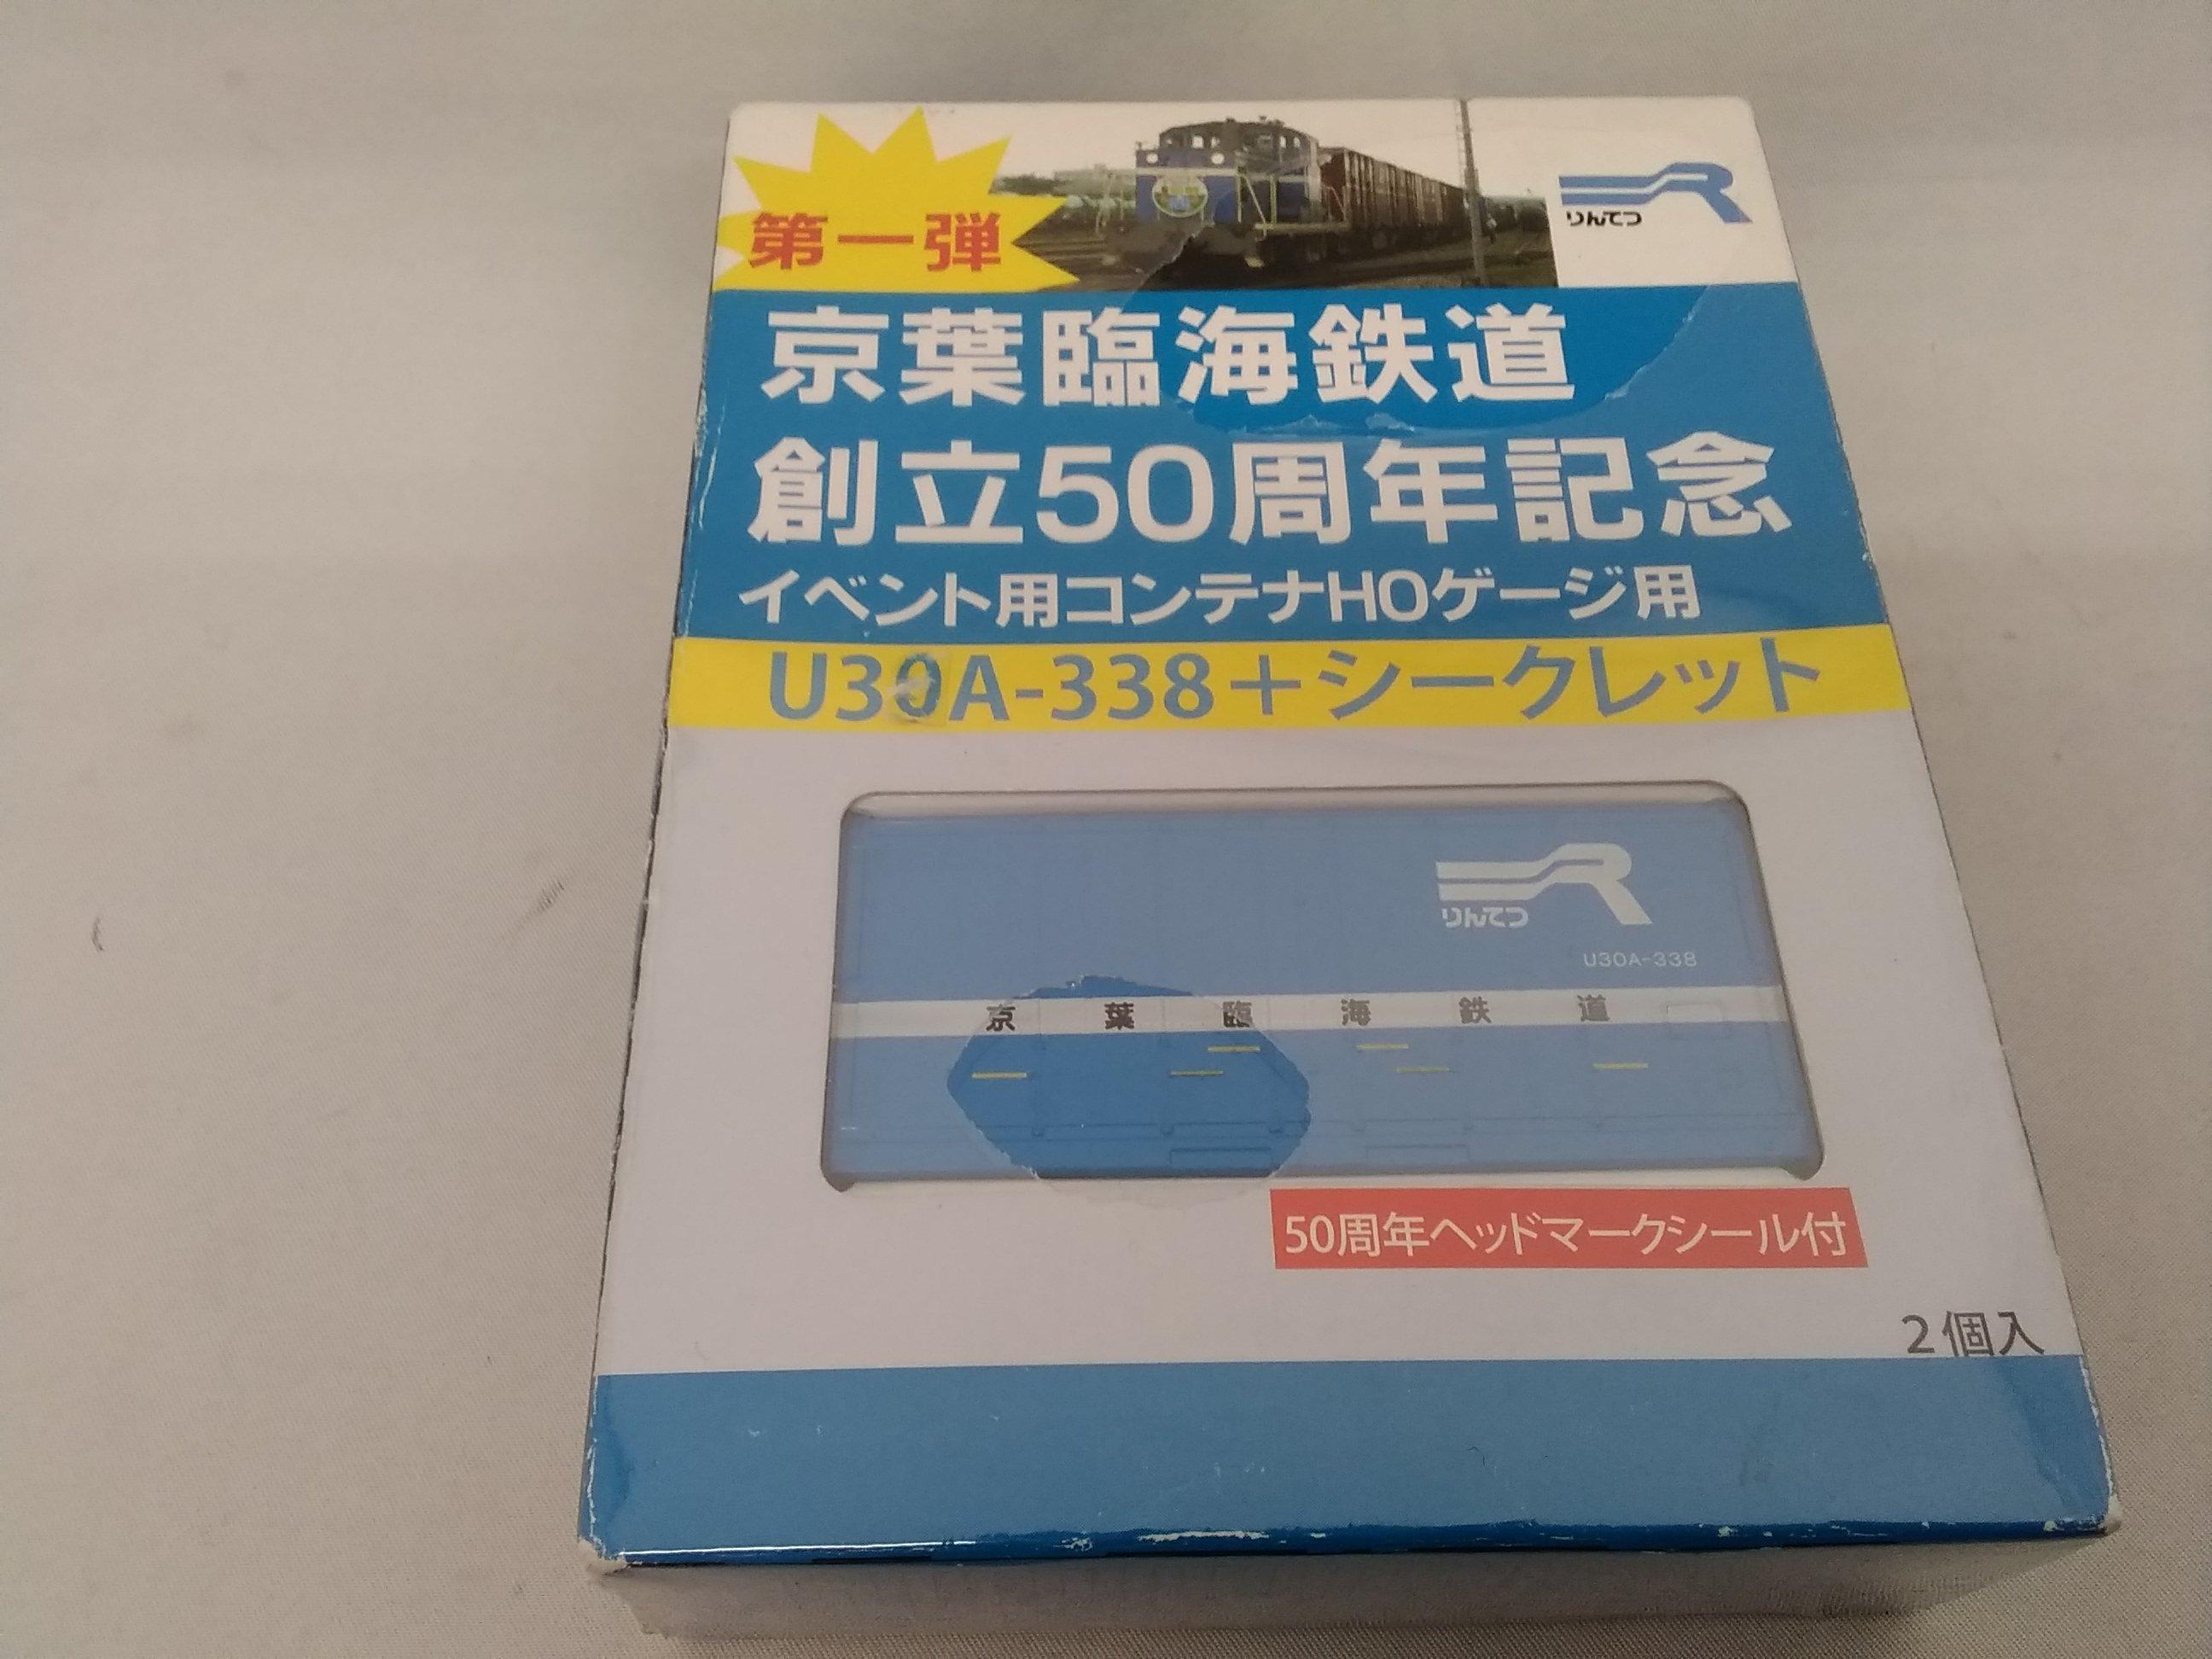 創立50周年記念イベント用コンテナ U30A-338|京葉臨海鉄道